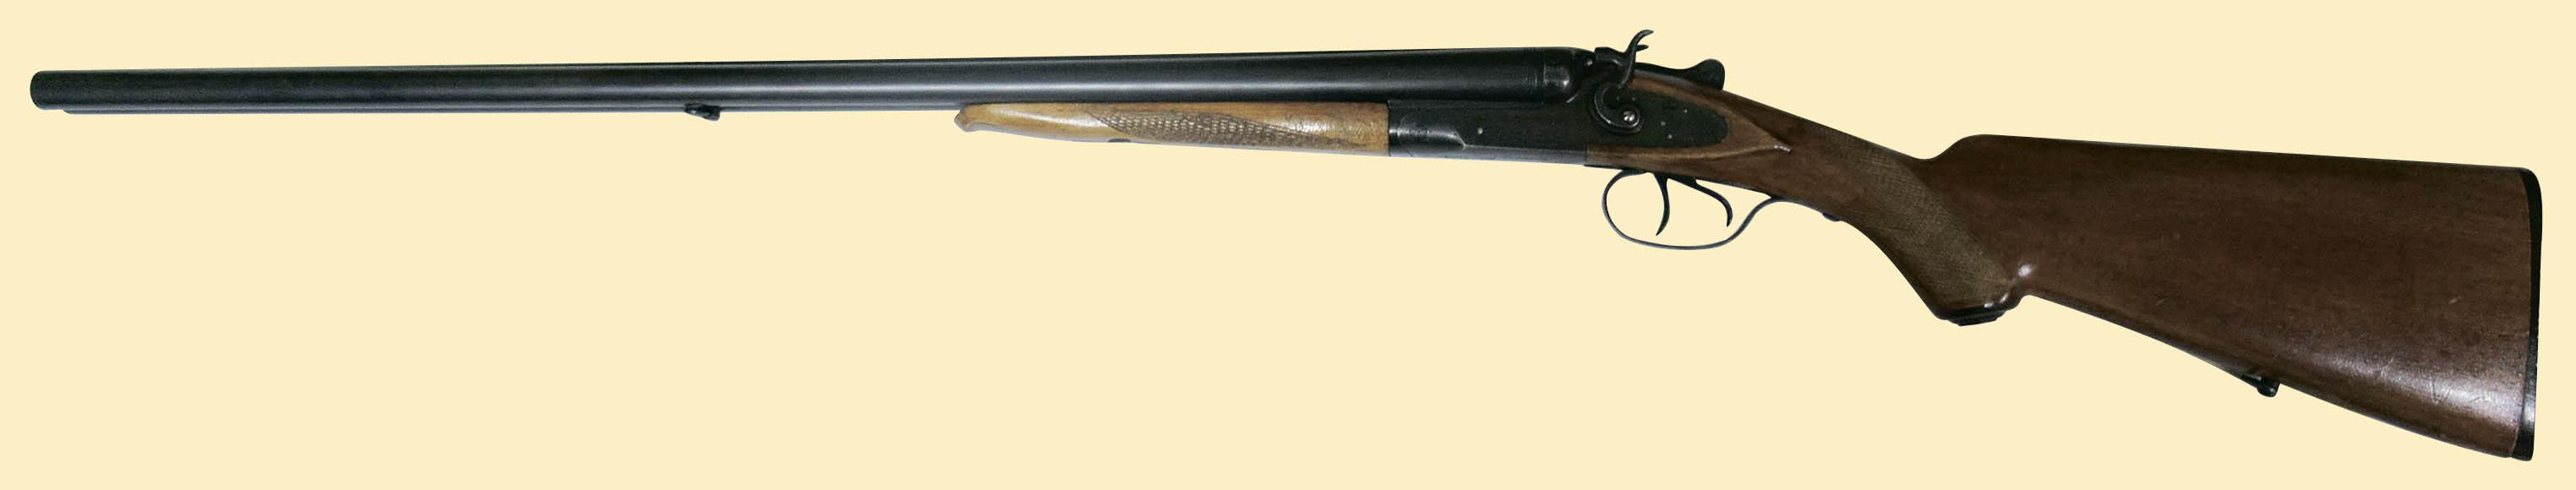 Охотничье гладкоствольное ружьё с внешними курками ТОЗ-63